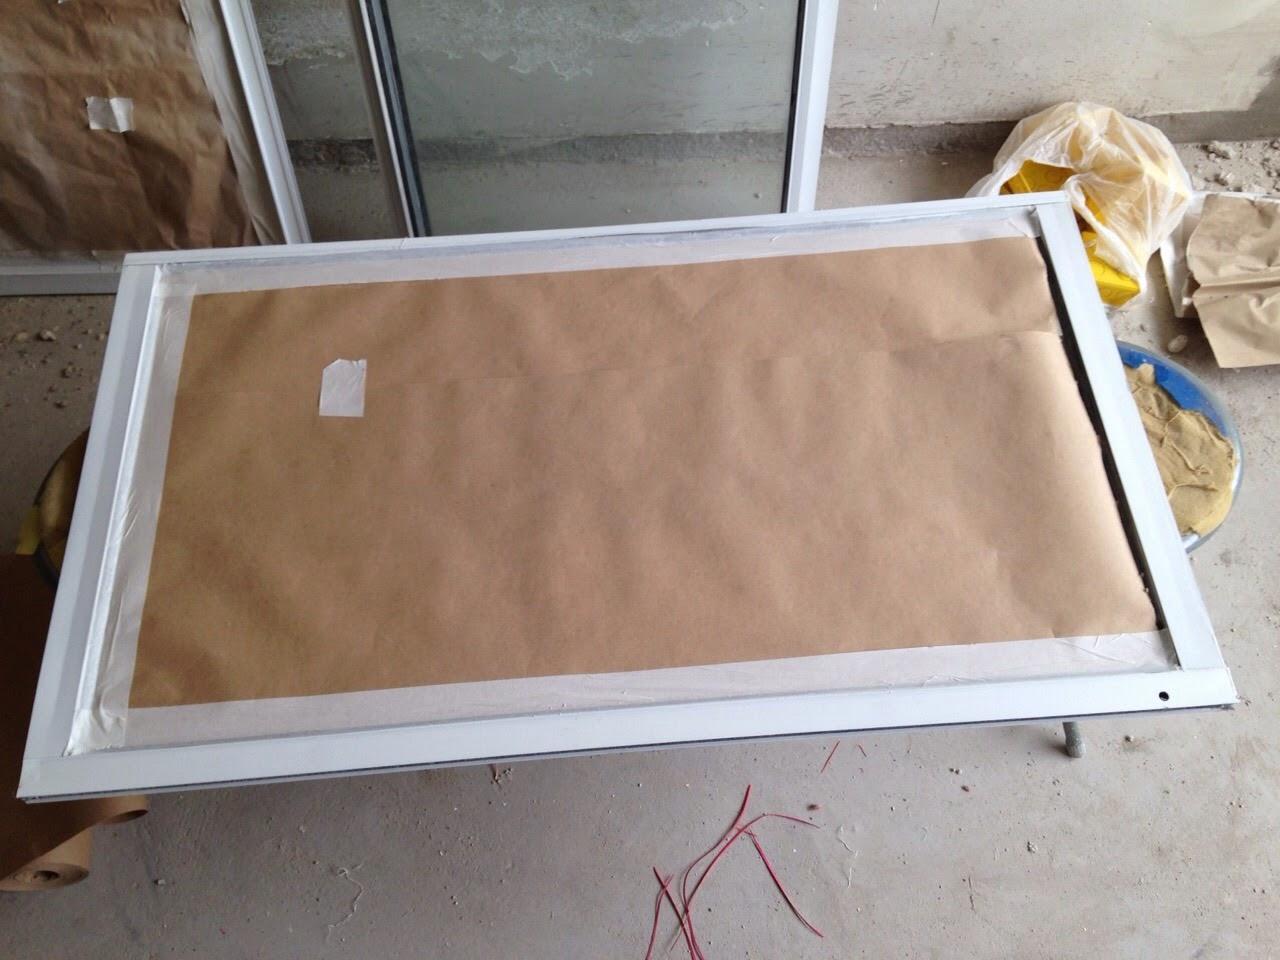 #7E634A de Janelas e Portas de Alumínio: Dica de pintura em portas e janelas  834 Manutenção De Janela De Aluminio